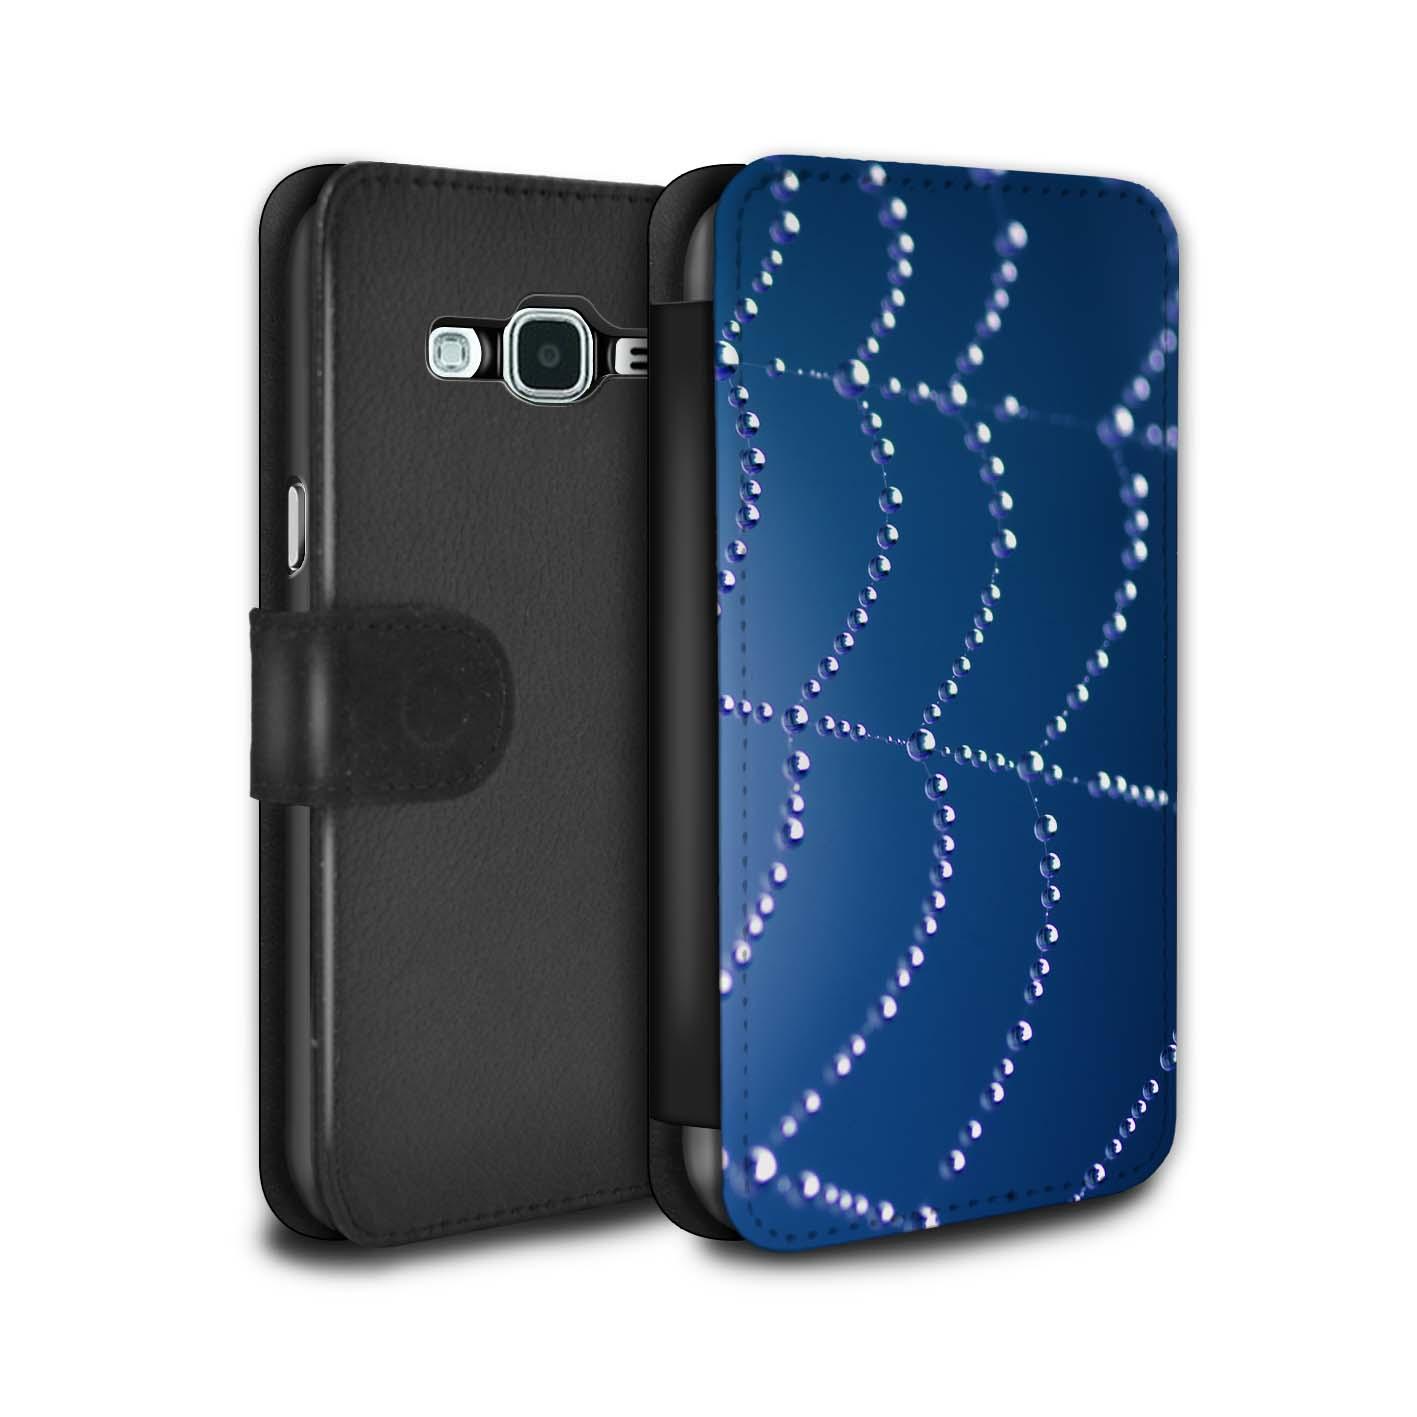 Coque-Etui-Case-Cuir-PU-pour-Samsung-Galaxy-Grand-Prime-Toile-d-039-araignee-Perles